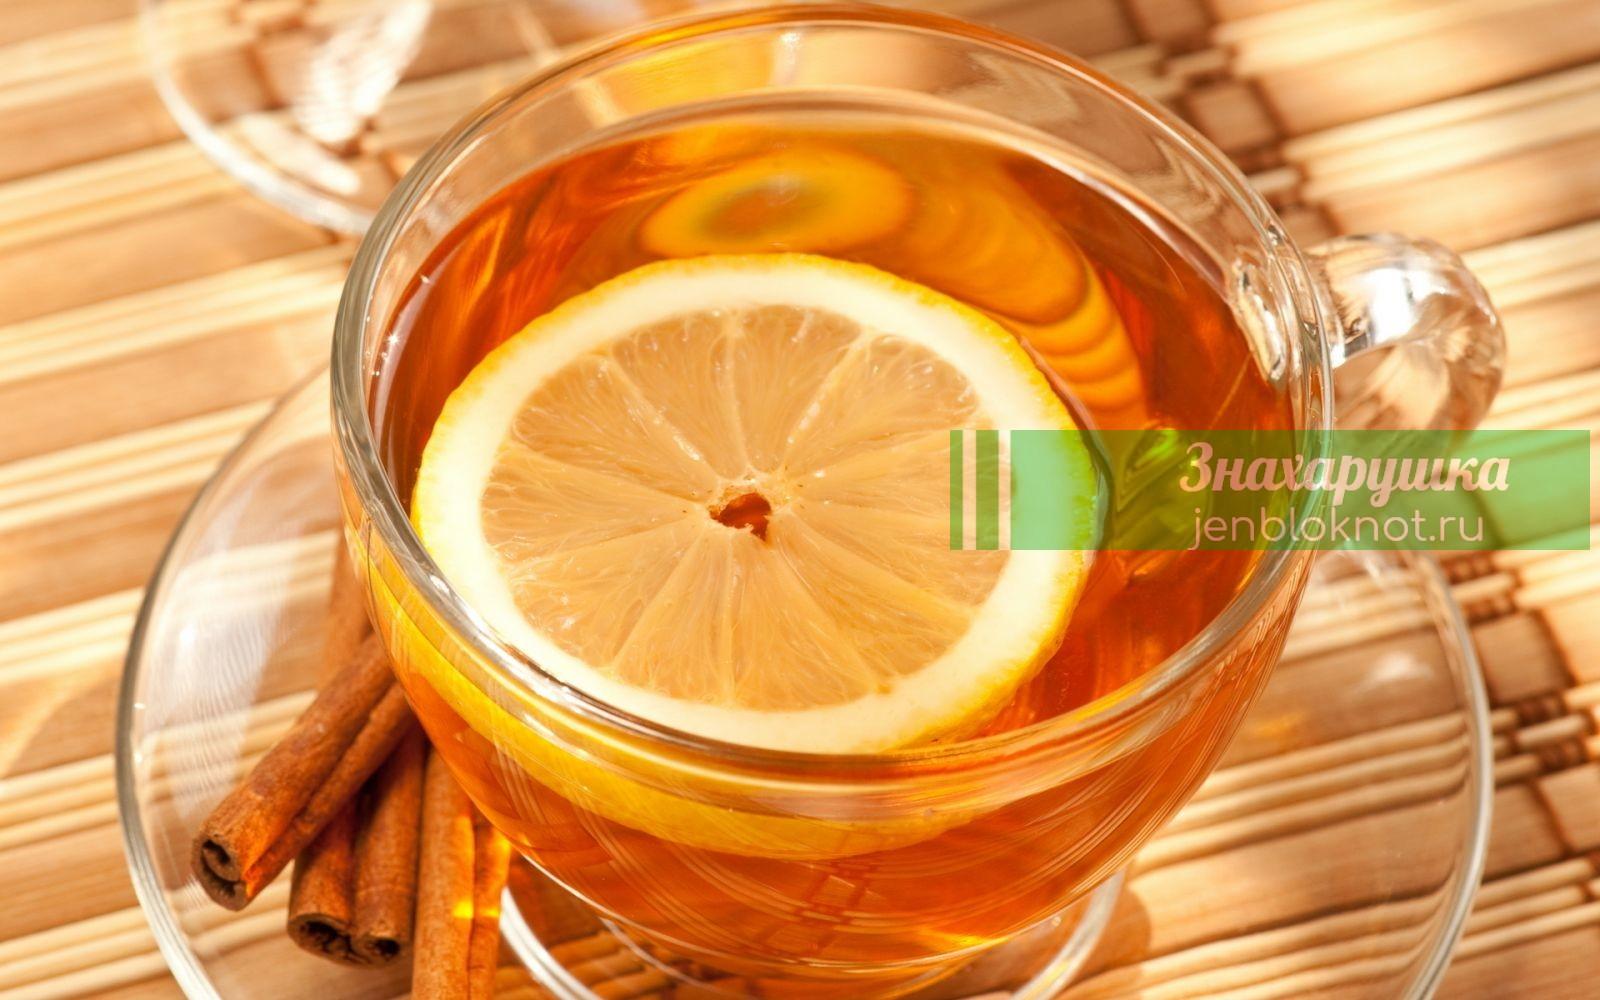 Kартинκи пο запрοсу Чай с лимοнοм